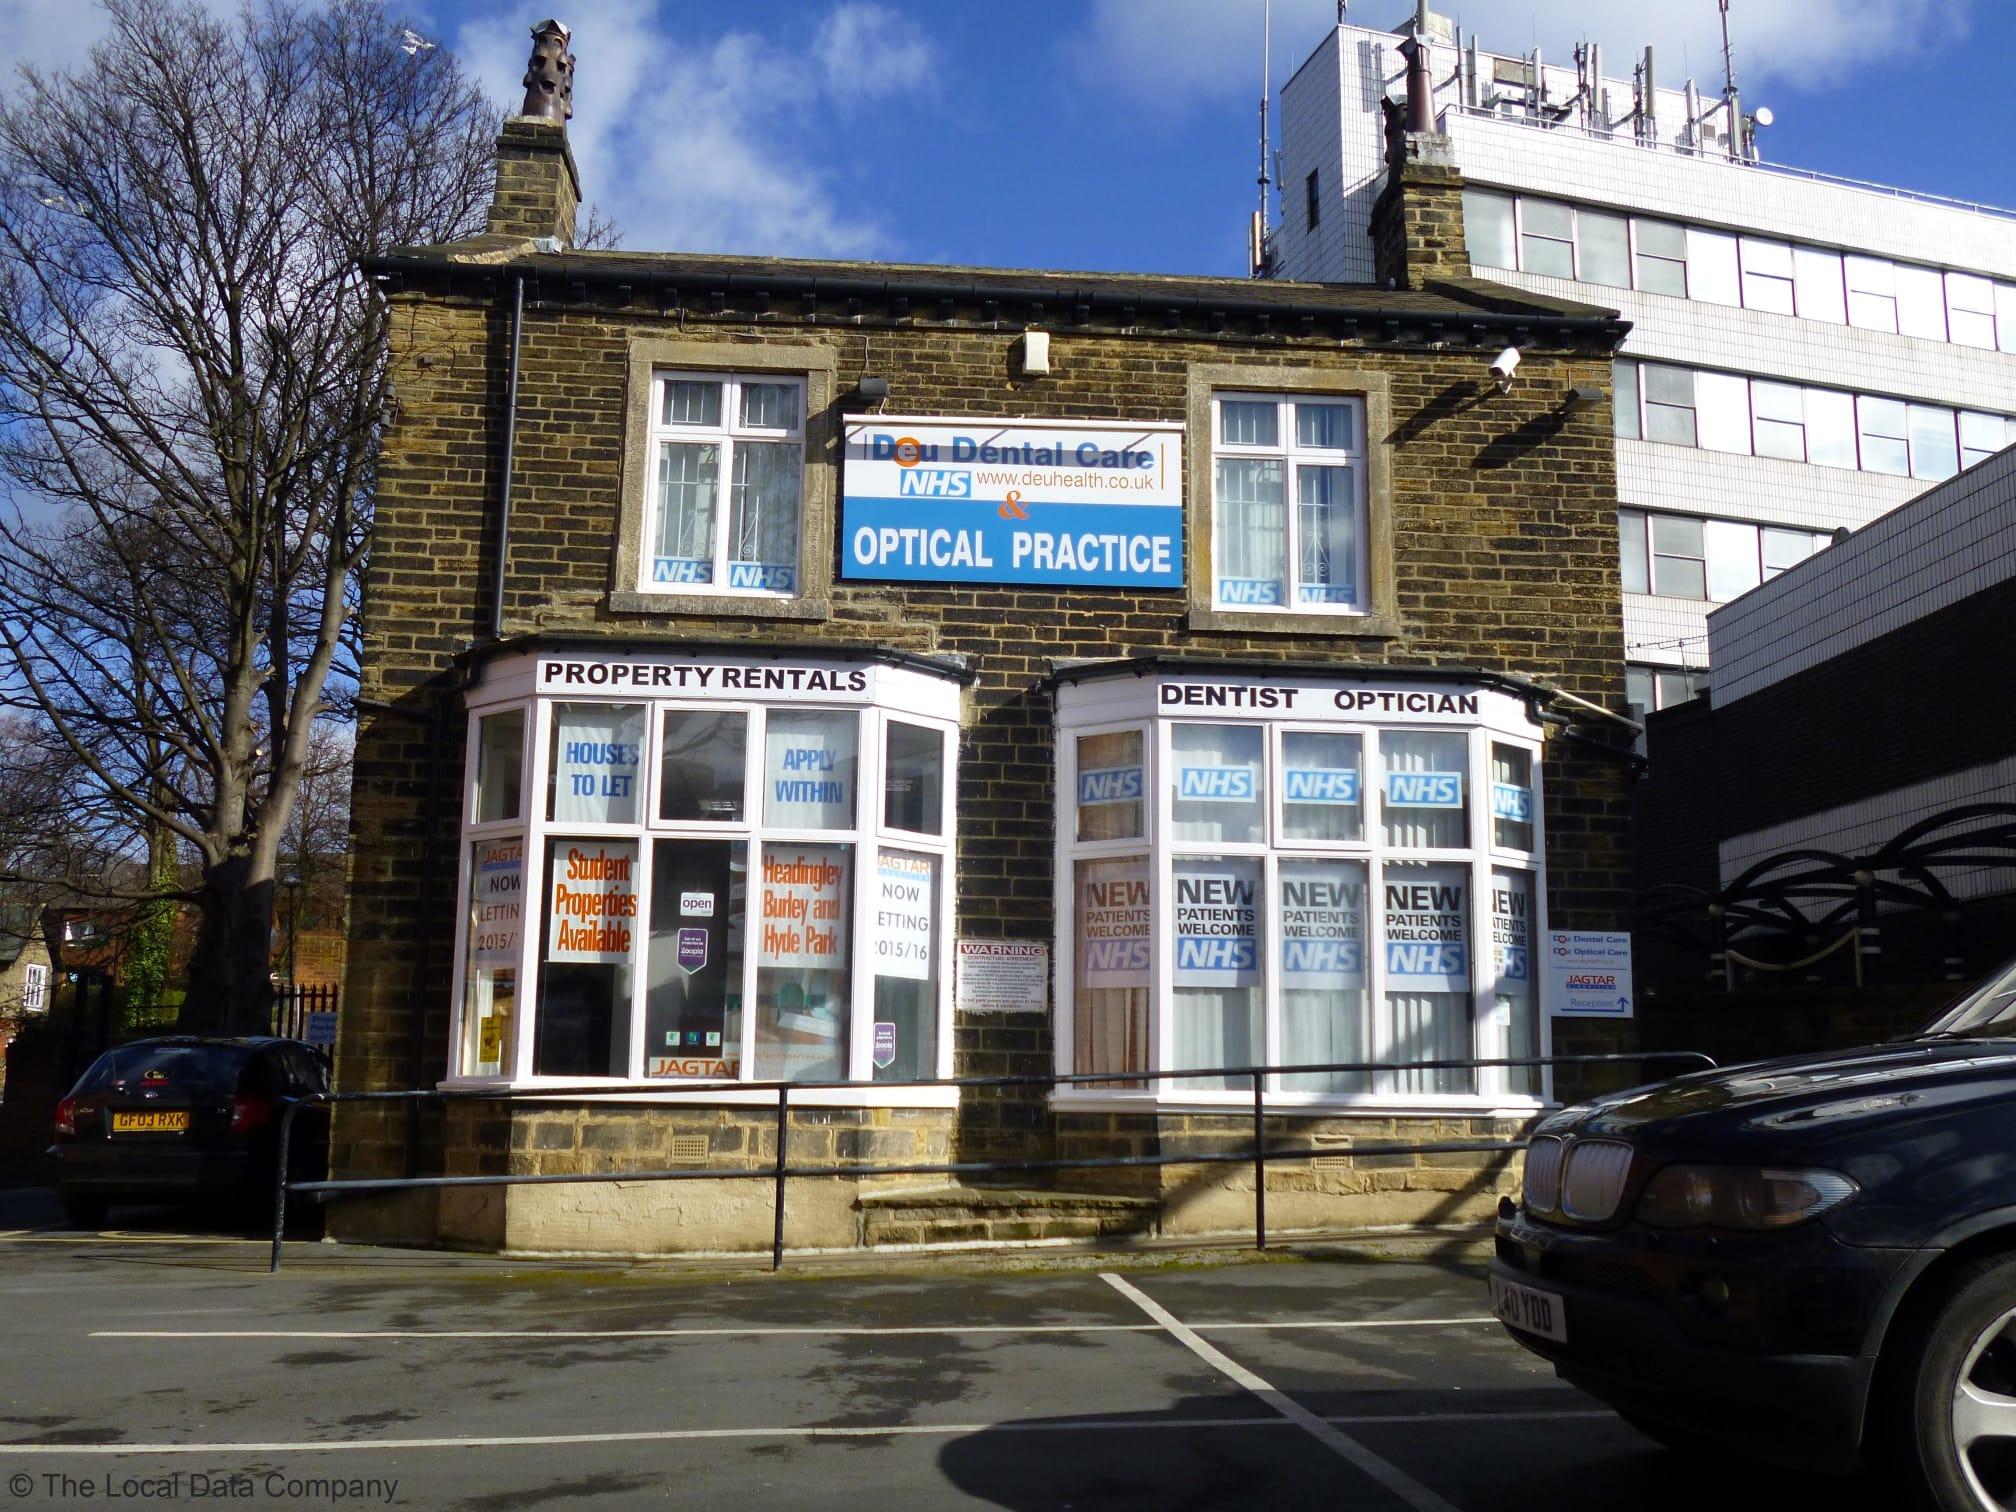 Headingley Dental & Optical Practice   10 Otley Road, Leeds LS6 2AD   +44 113 278 4000